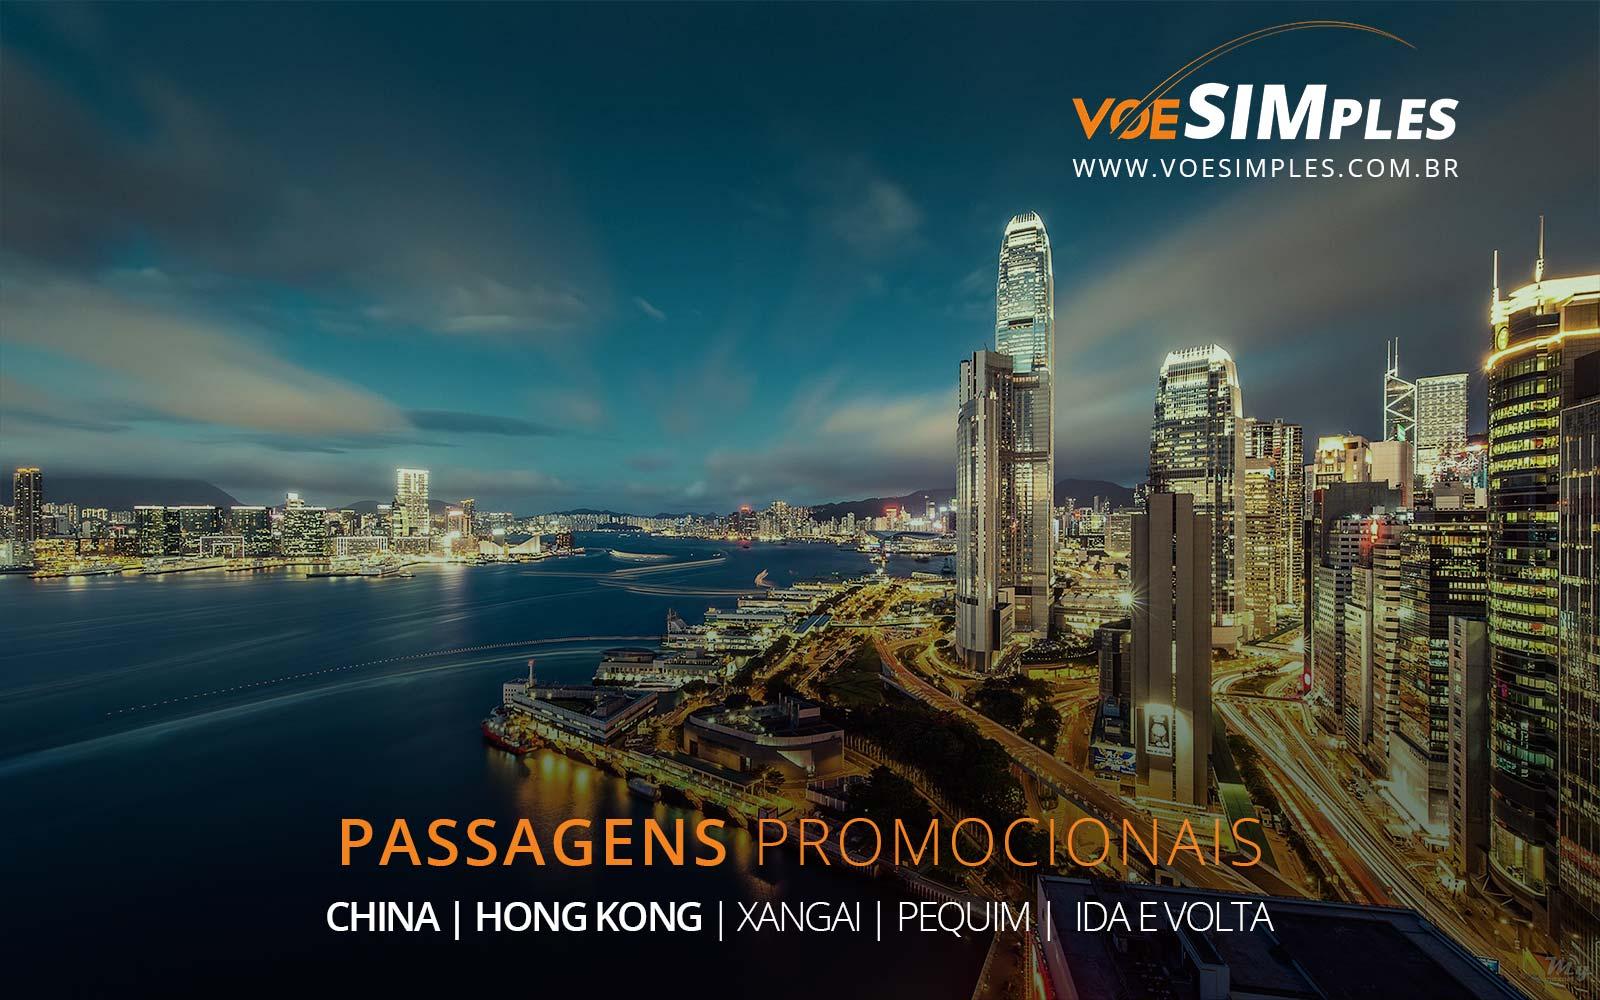 Promoção de passagens aéreas para Hong Kong, Xangai e Pequim na China